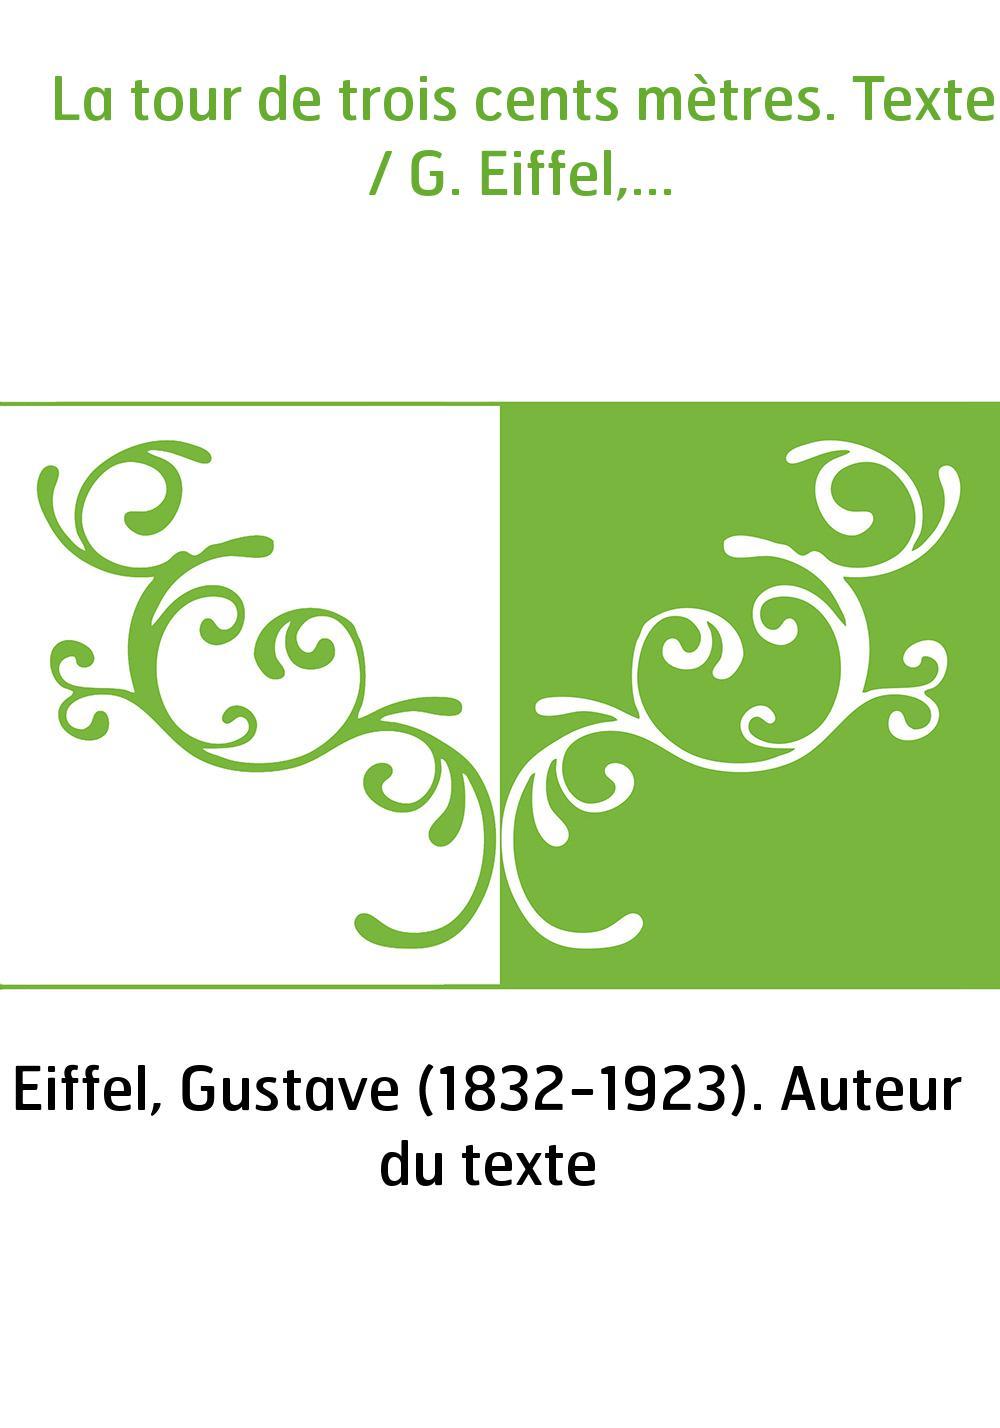 La tour de trois cents mètres. Texte / G. Eiffel,...